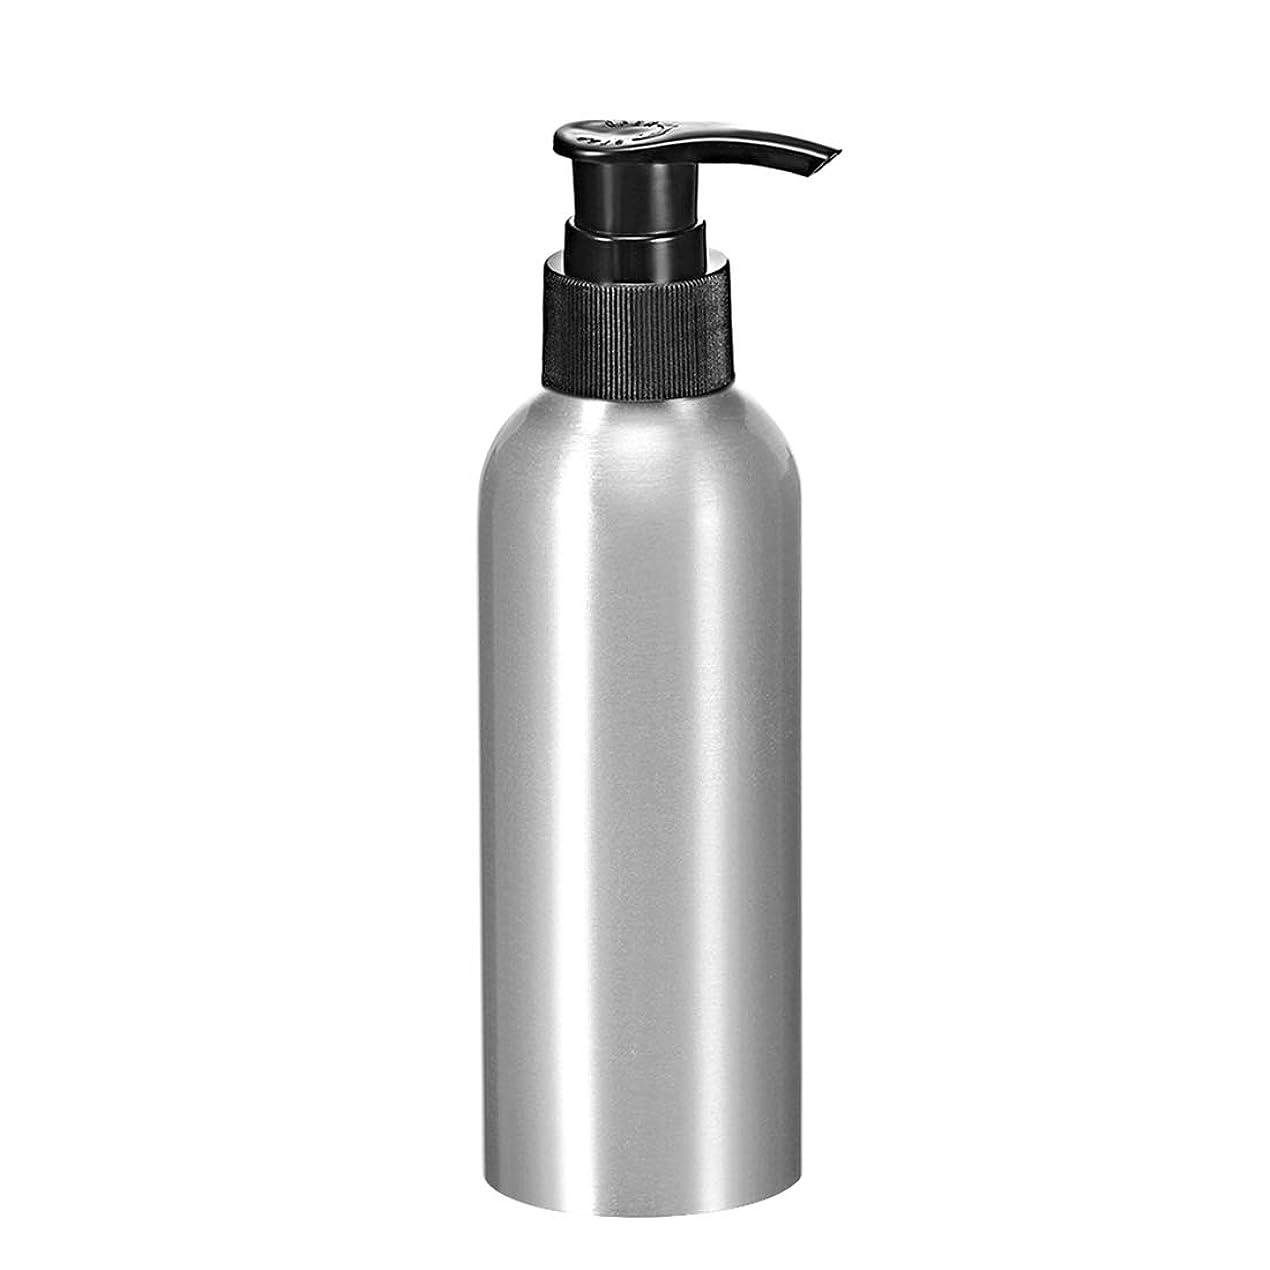 悲惨幸福軽uxcell uxcell アルミスプレーボトル ブラックファインミストスプレー付き 空の詰め替え容器 トラベルボトル 8.4oz/250ml